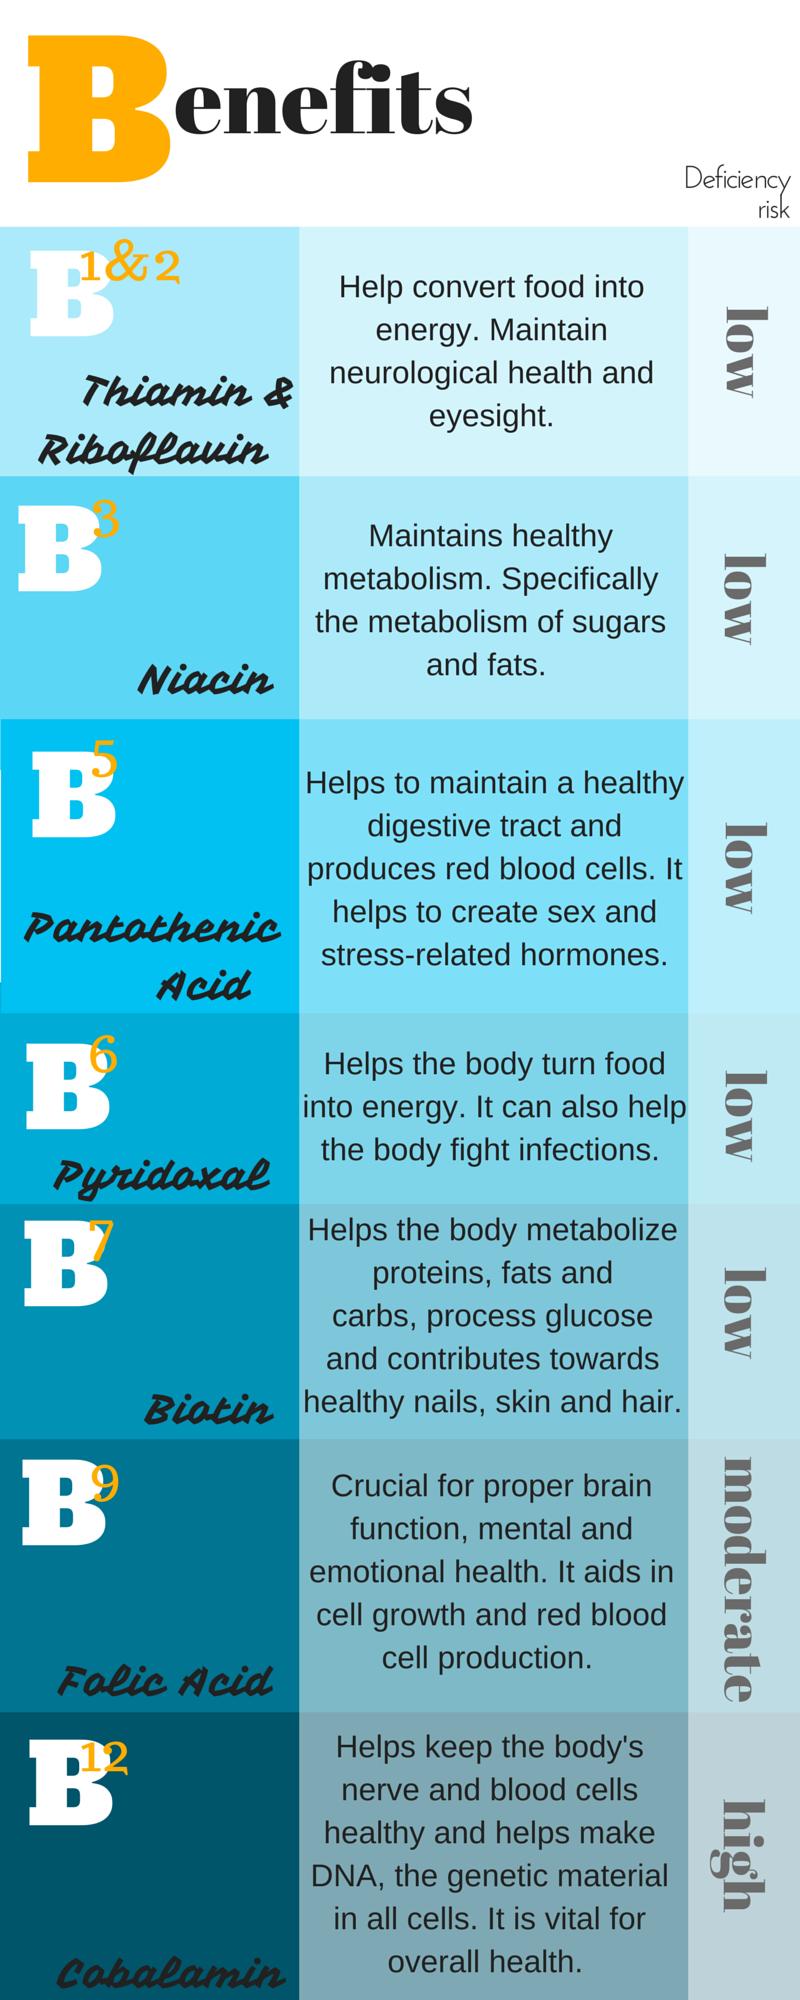 b26ae-vitaminbbenefitsvitaminbbenefits.png